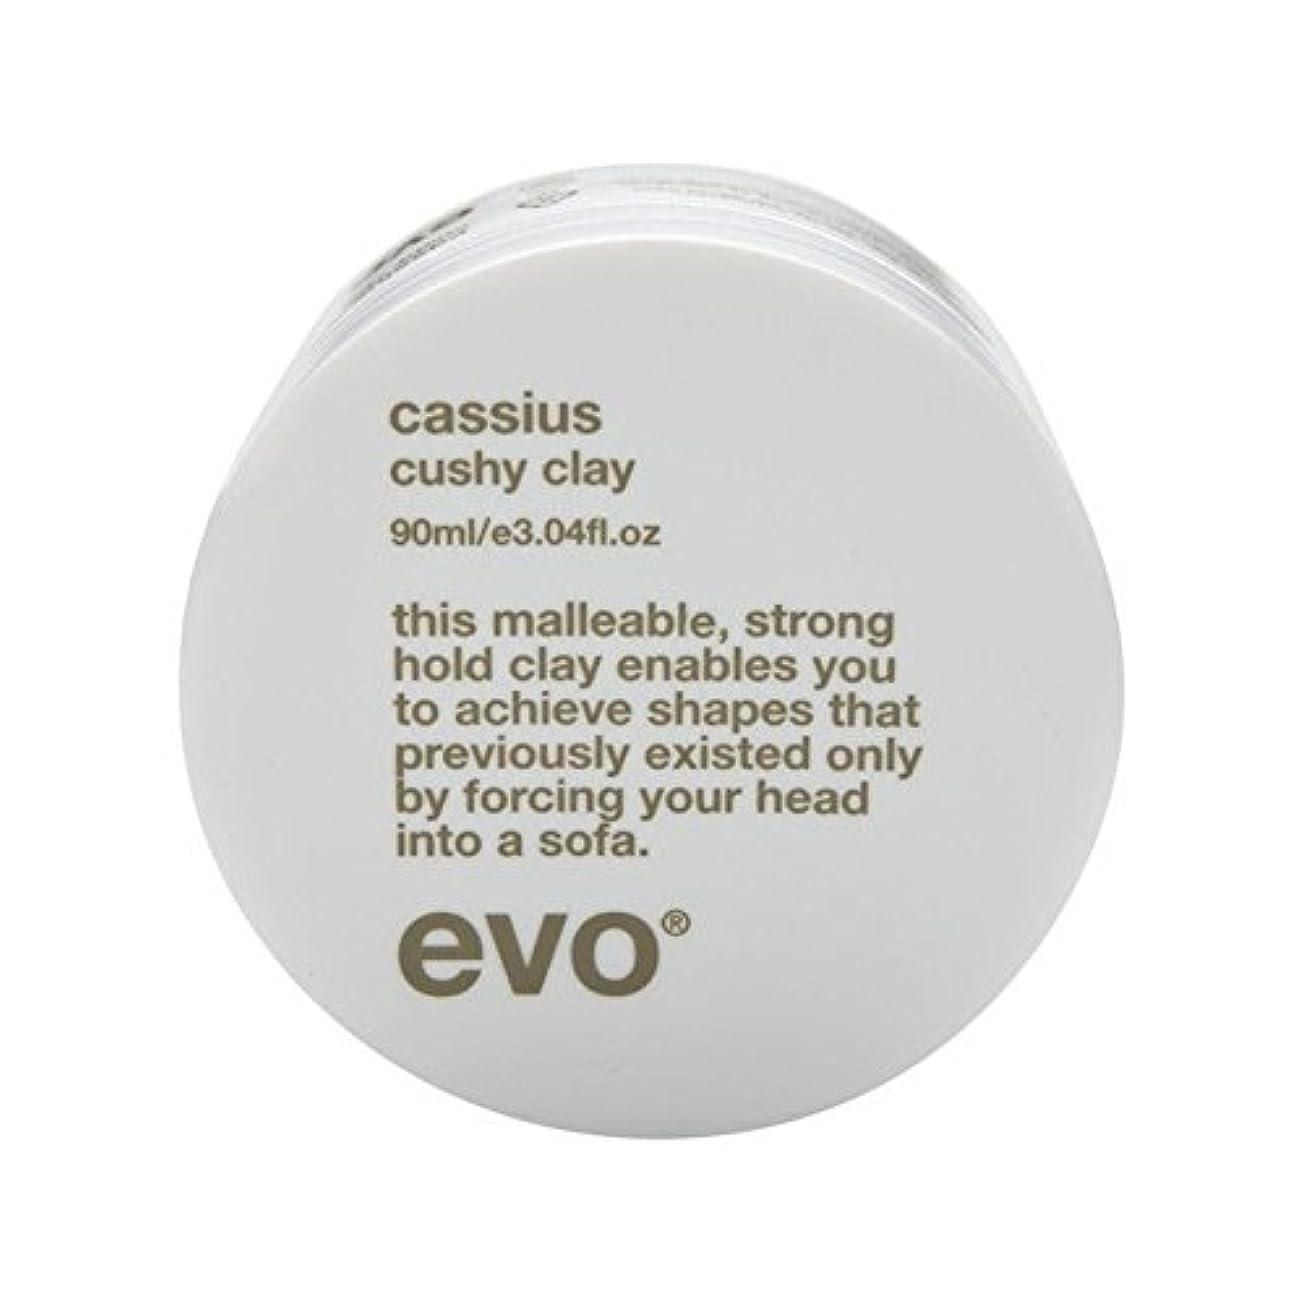 訪問アクション更新するEvo Cassius Cushy Clay 90G - エボカシウス楽な粘土90グラム [並行輸入品]